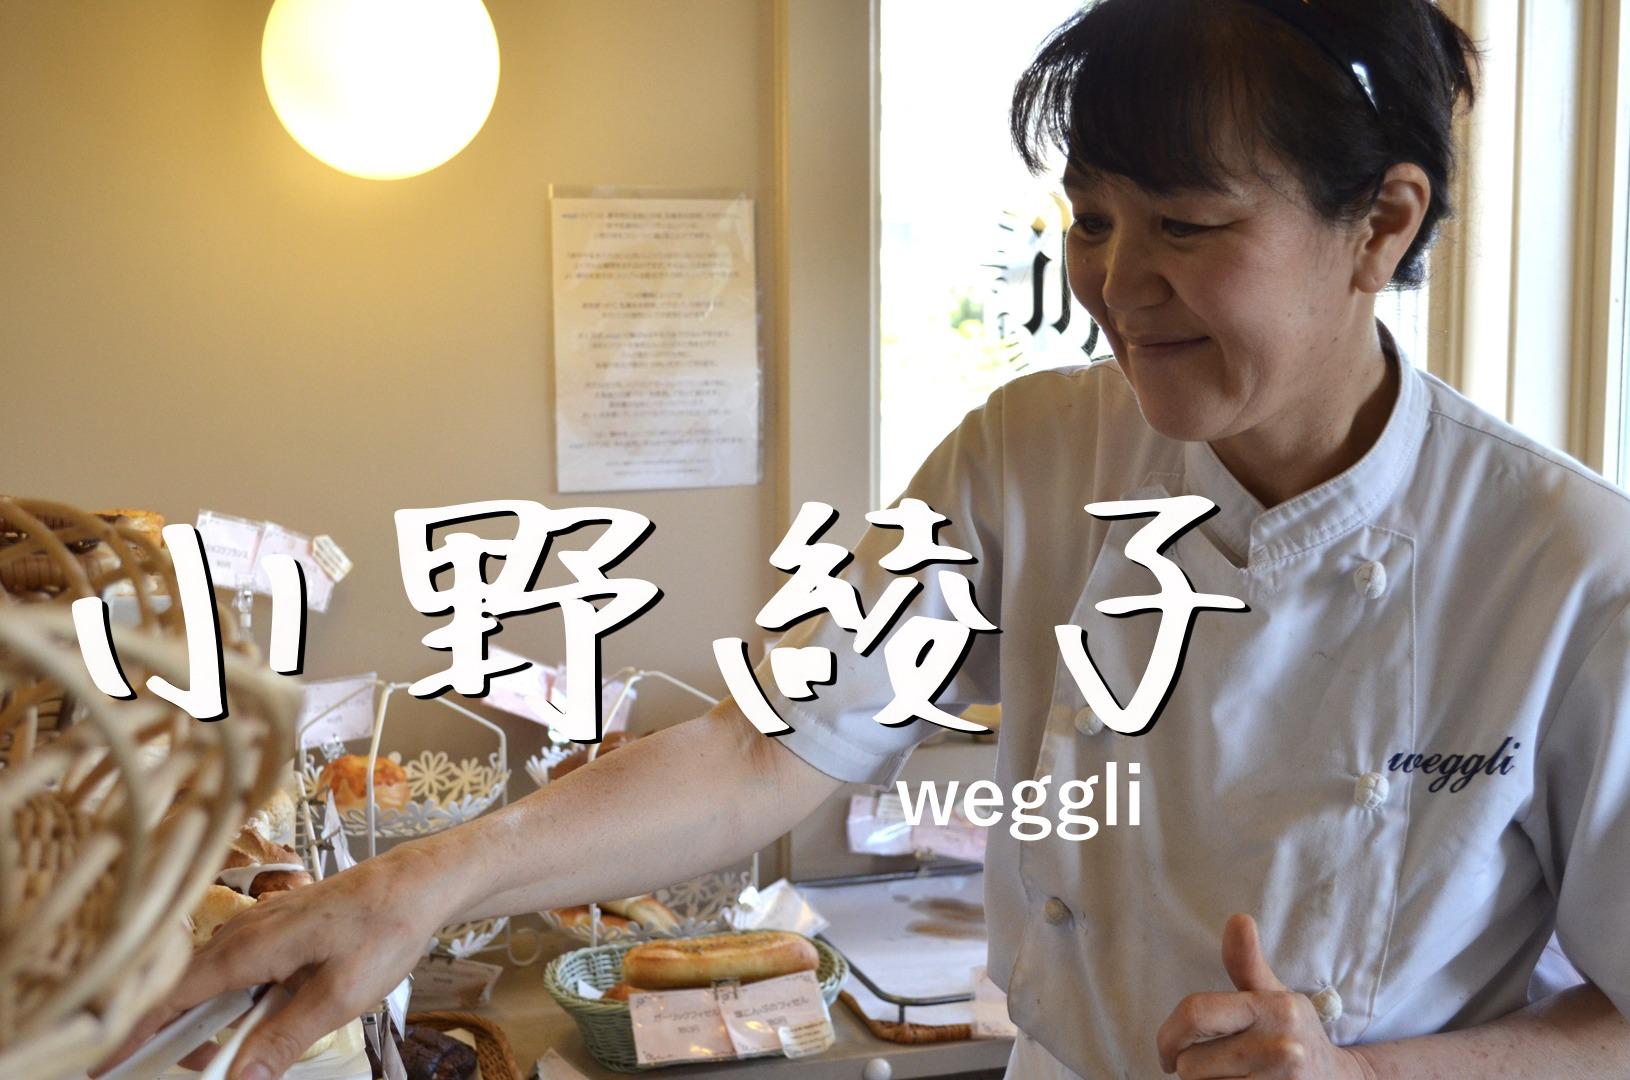 娘たちの存在|小さなパン屋さん「weggli」小野 綾子 #2